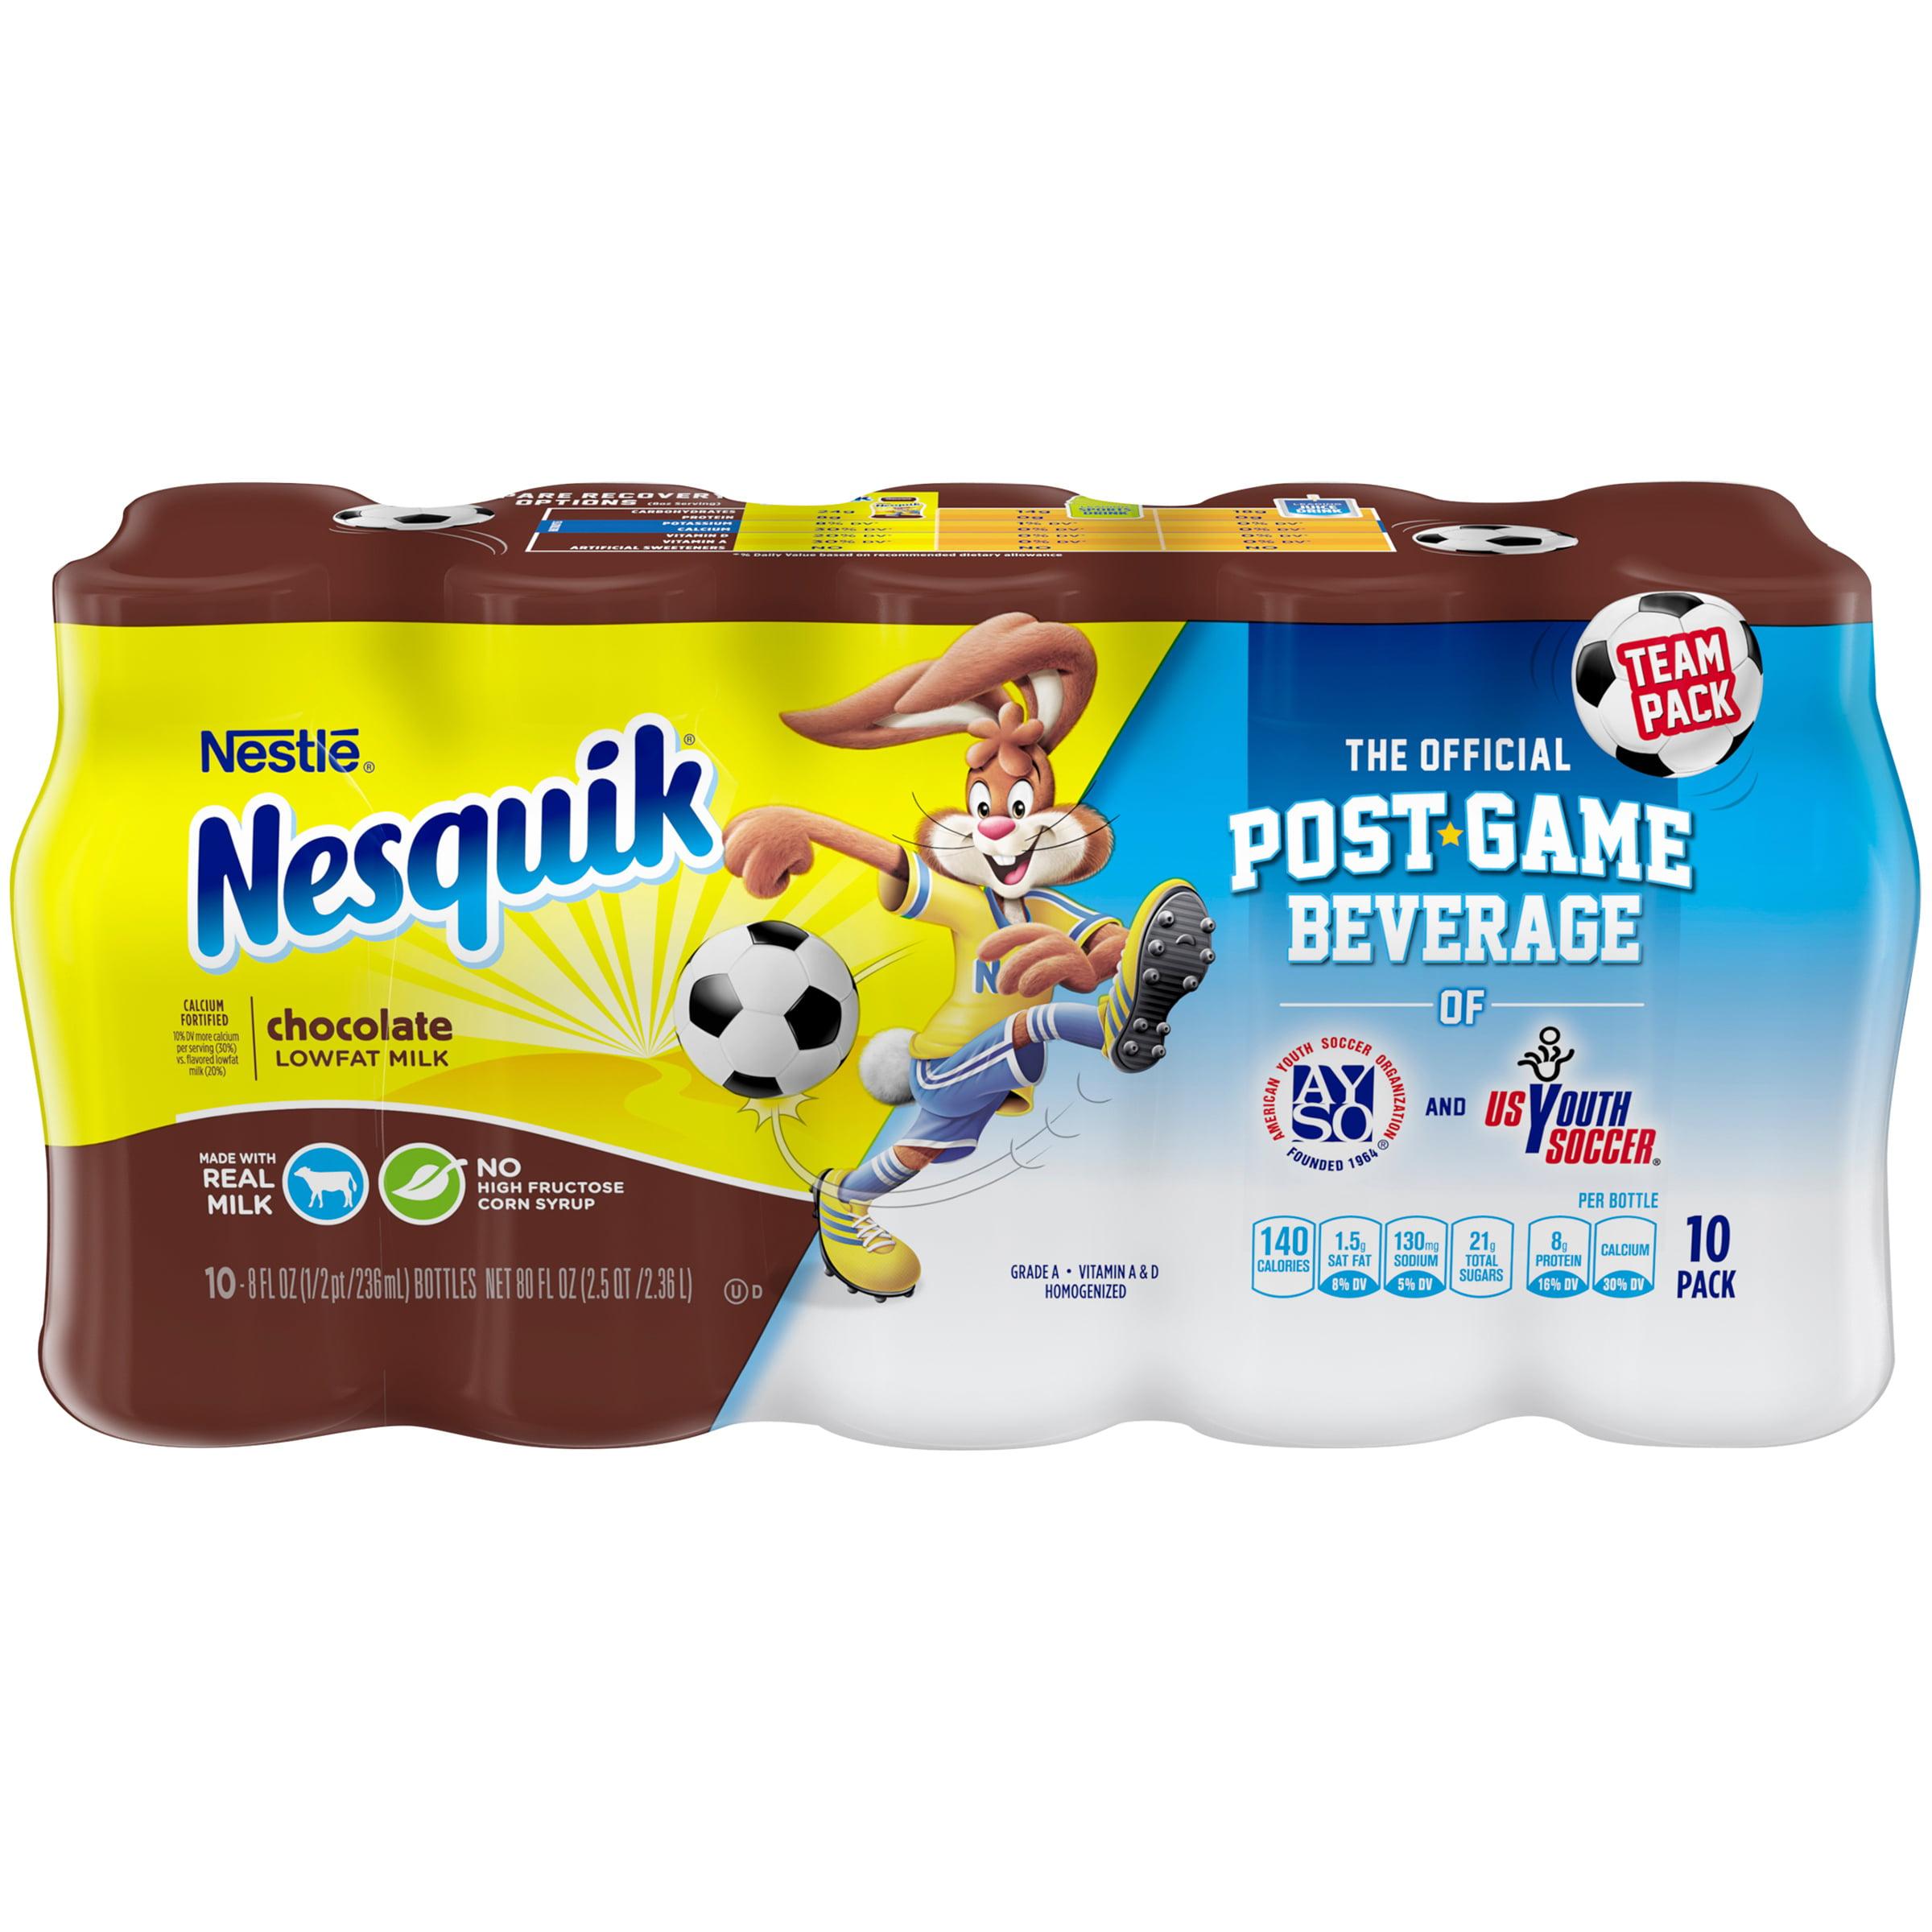 NESQUIK Chocolate Low Fat Milk 10-8 fl. oz. Bottles